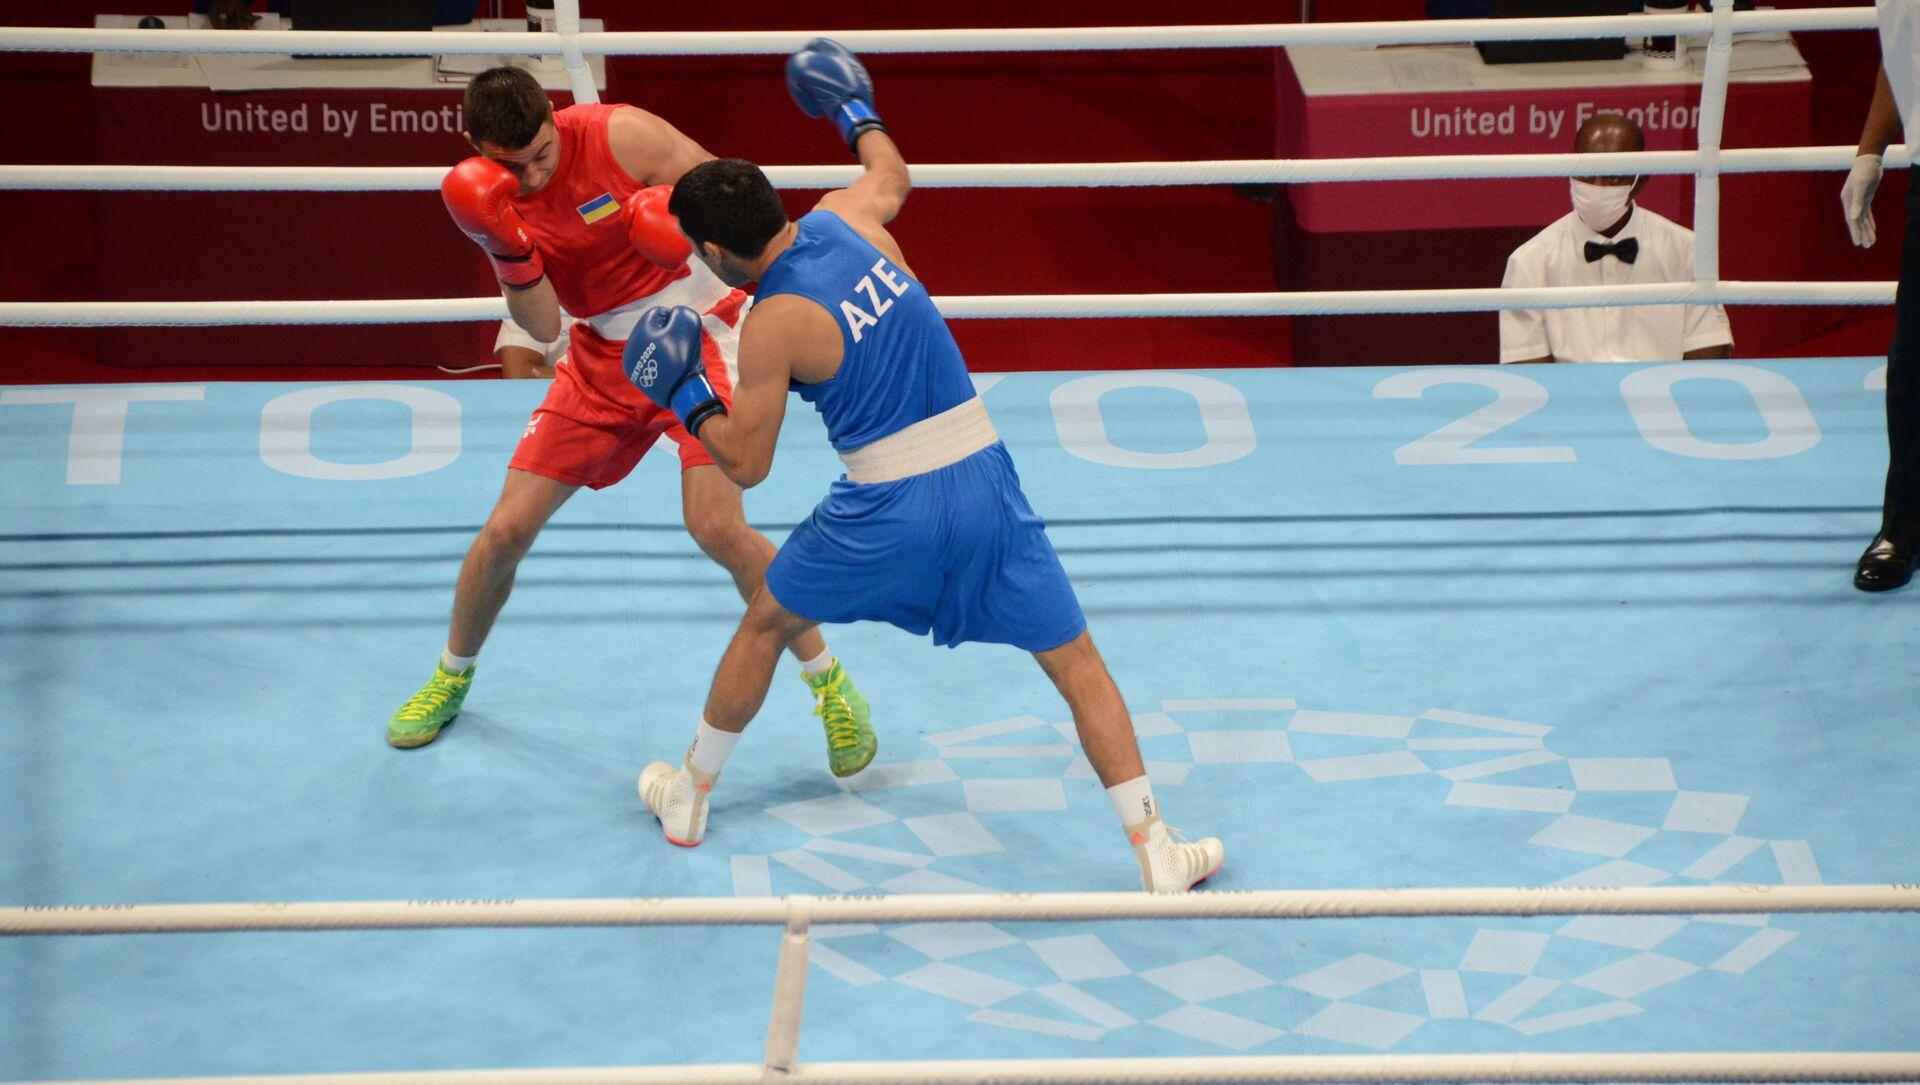 Азербайджанский боксер Джавид Челебиев (63 килограмма) выиграл на стадии 1/16 финала представителя Украины Ярослава Харциза - Sputnik Азербайджан, 1920, 25.07.2021